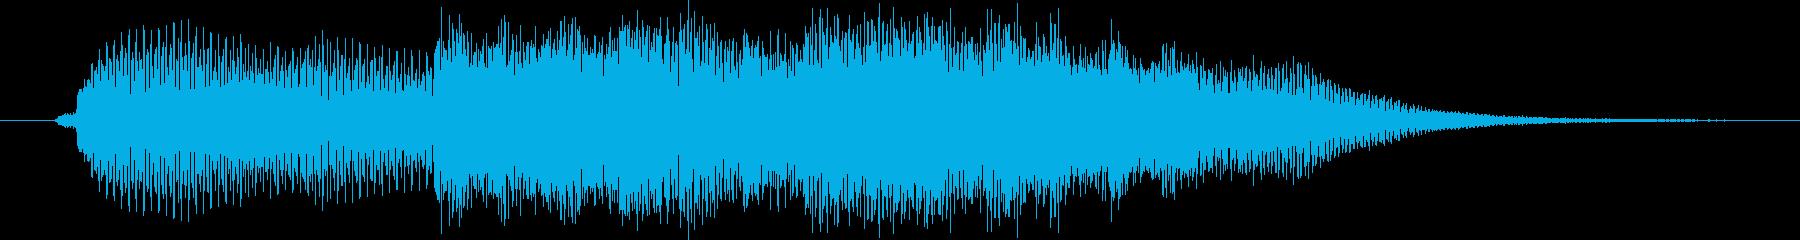 エレガント風キラキラ系サウンドロゴ01の再生済みの波形